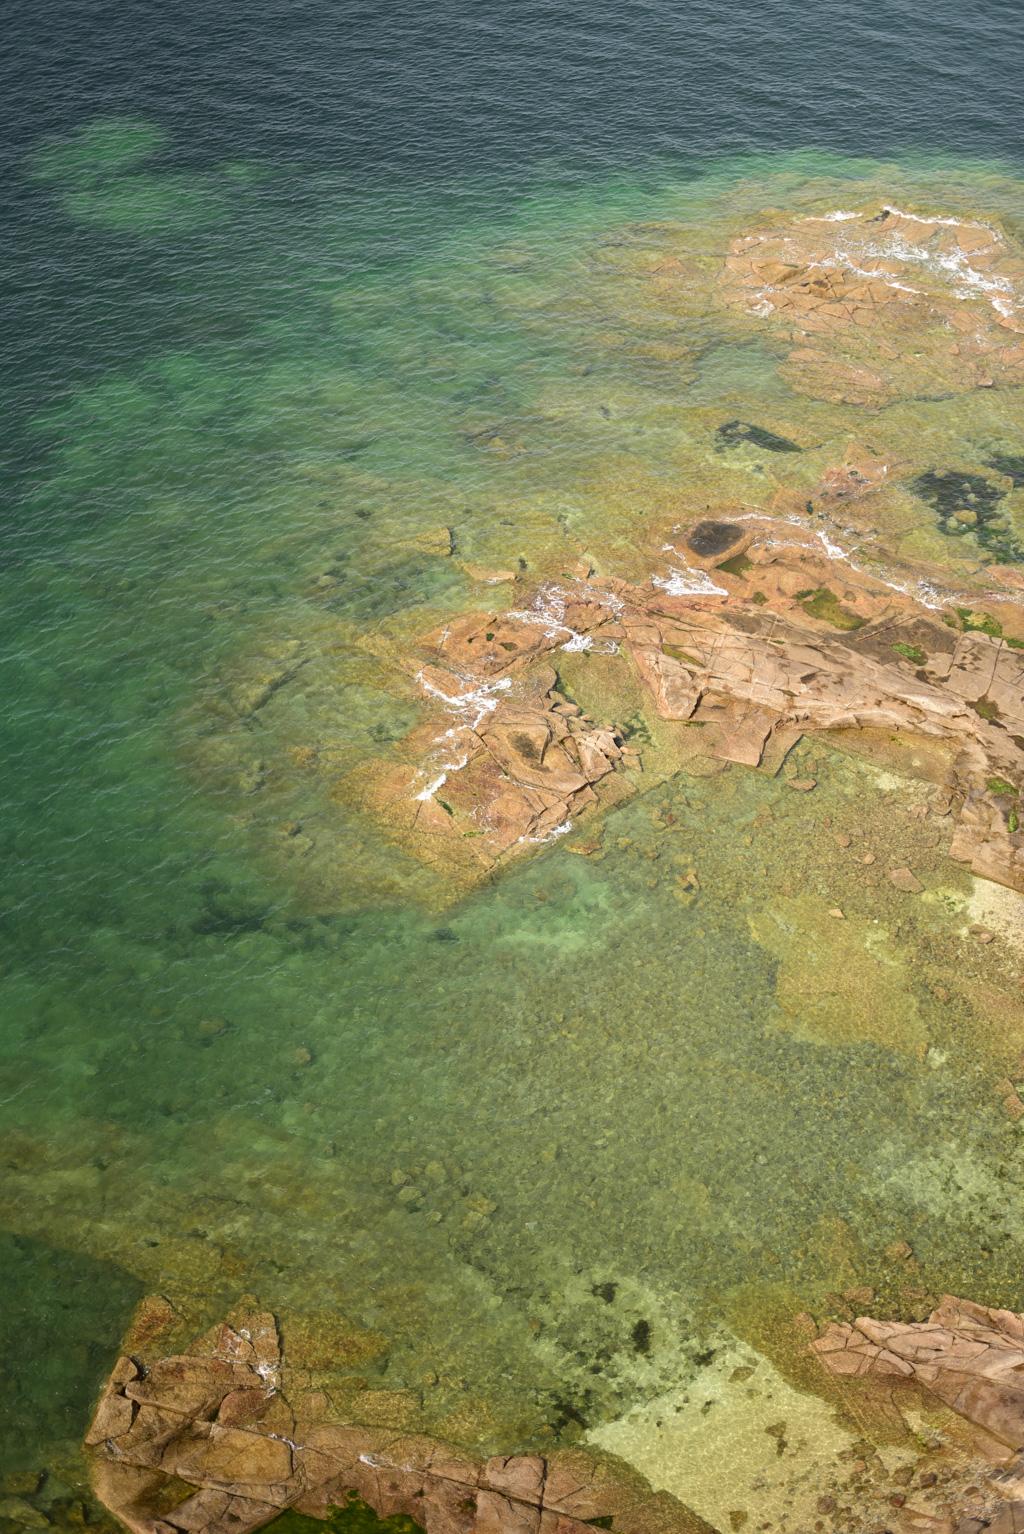 5 jours dans le cotentin, Agathe f photographie, plage, cotentin, normandie, photographie